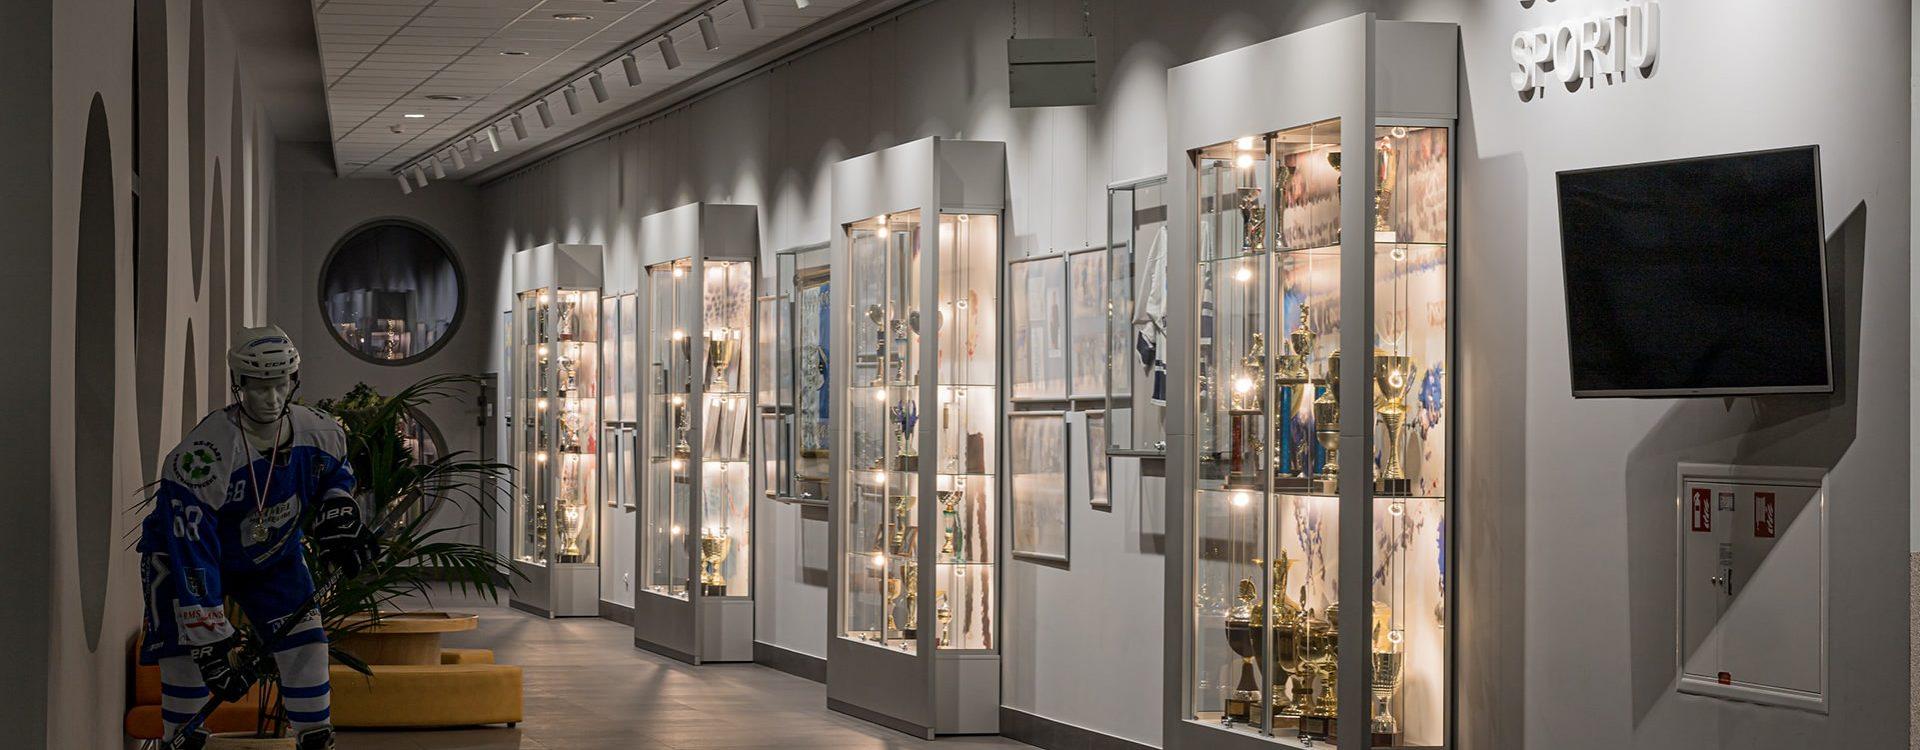 gablota szklana - gabloty wystawiennicze, muzealne, wystawowe, ekspozycyjne